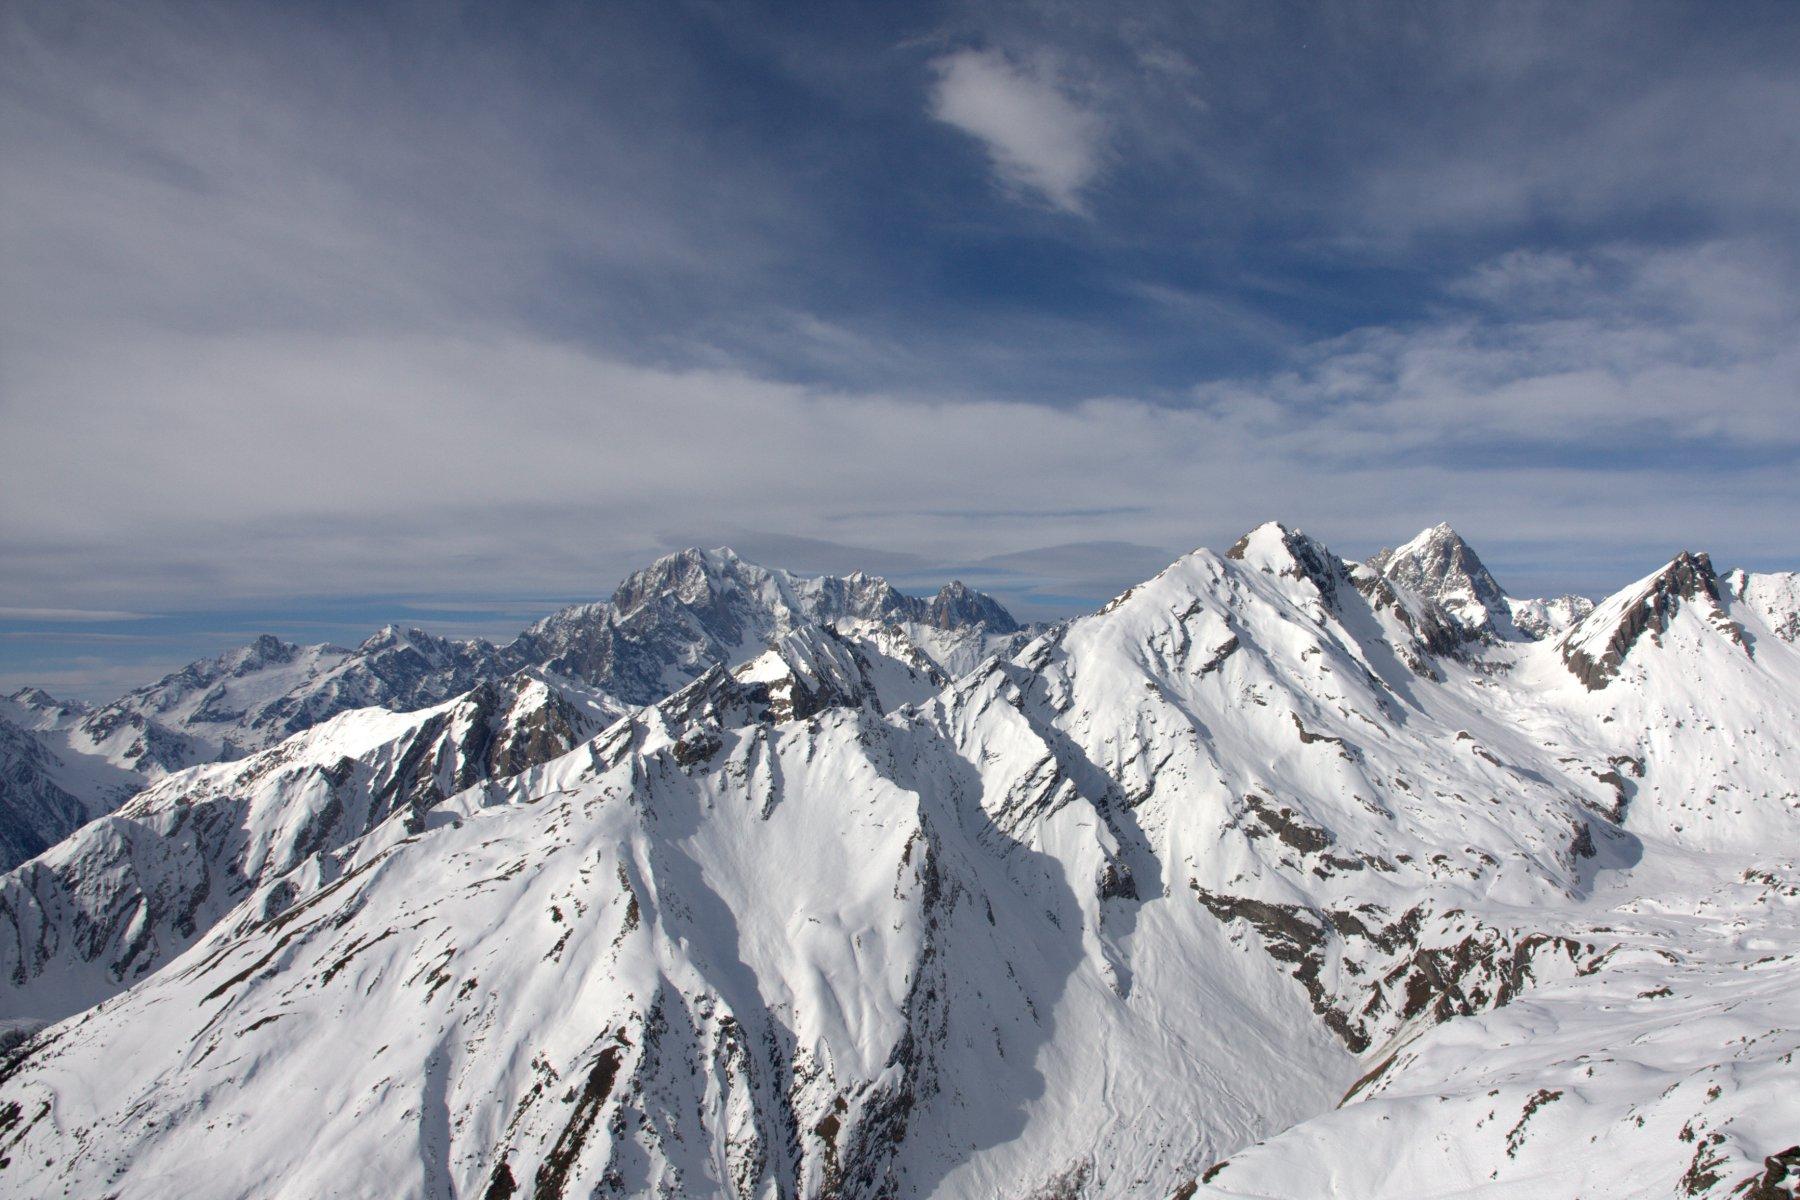 Il maltempo in arrivo sul Bianco visto dalla cima.